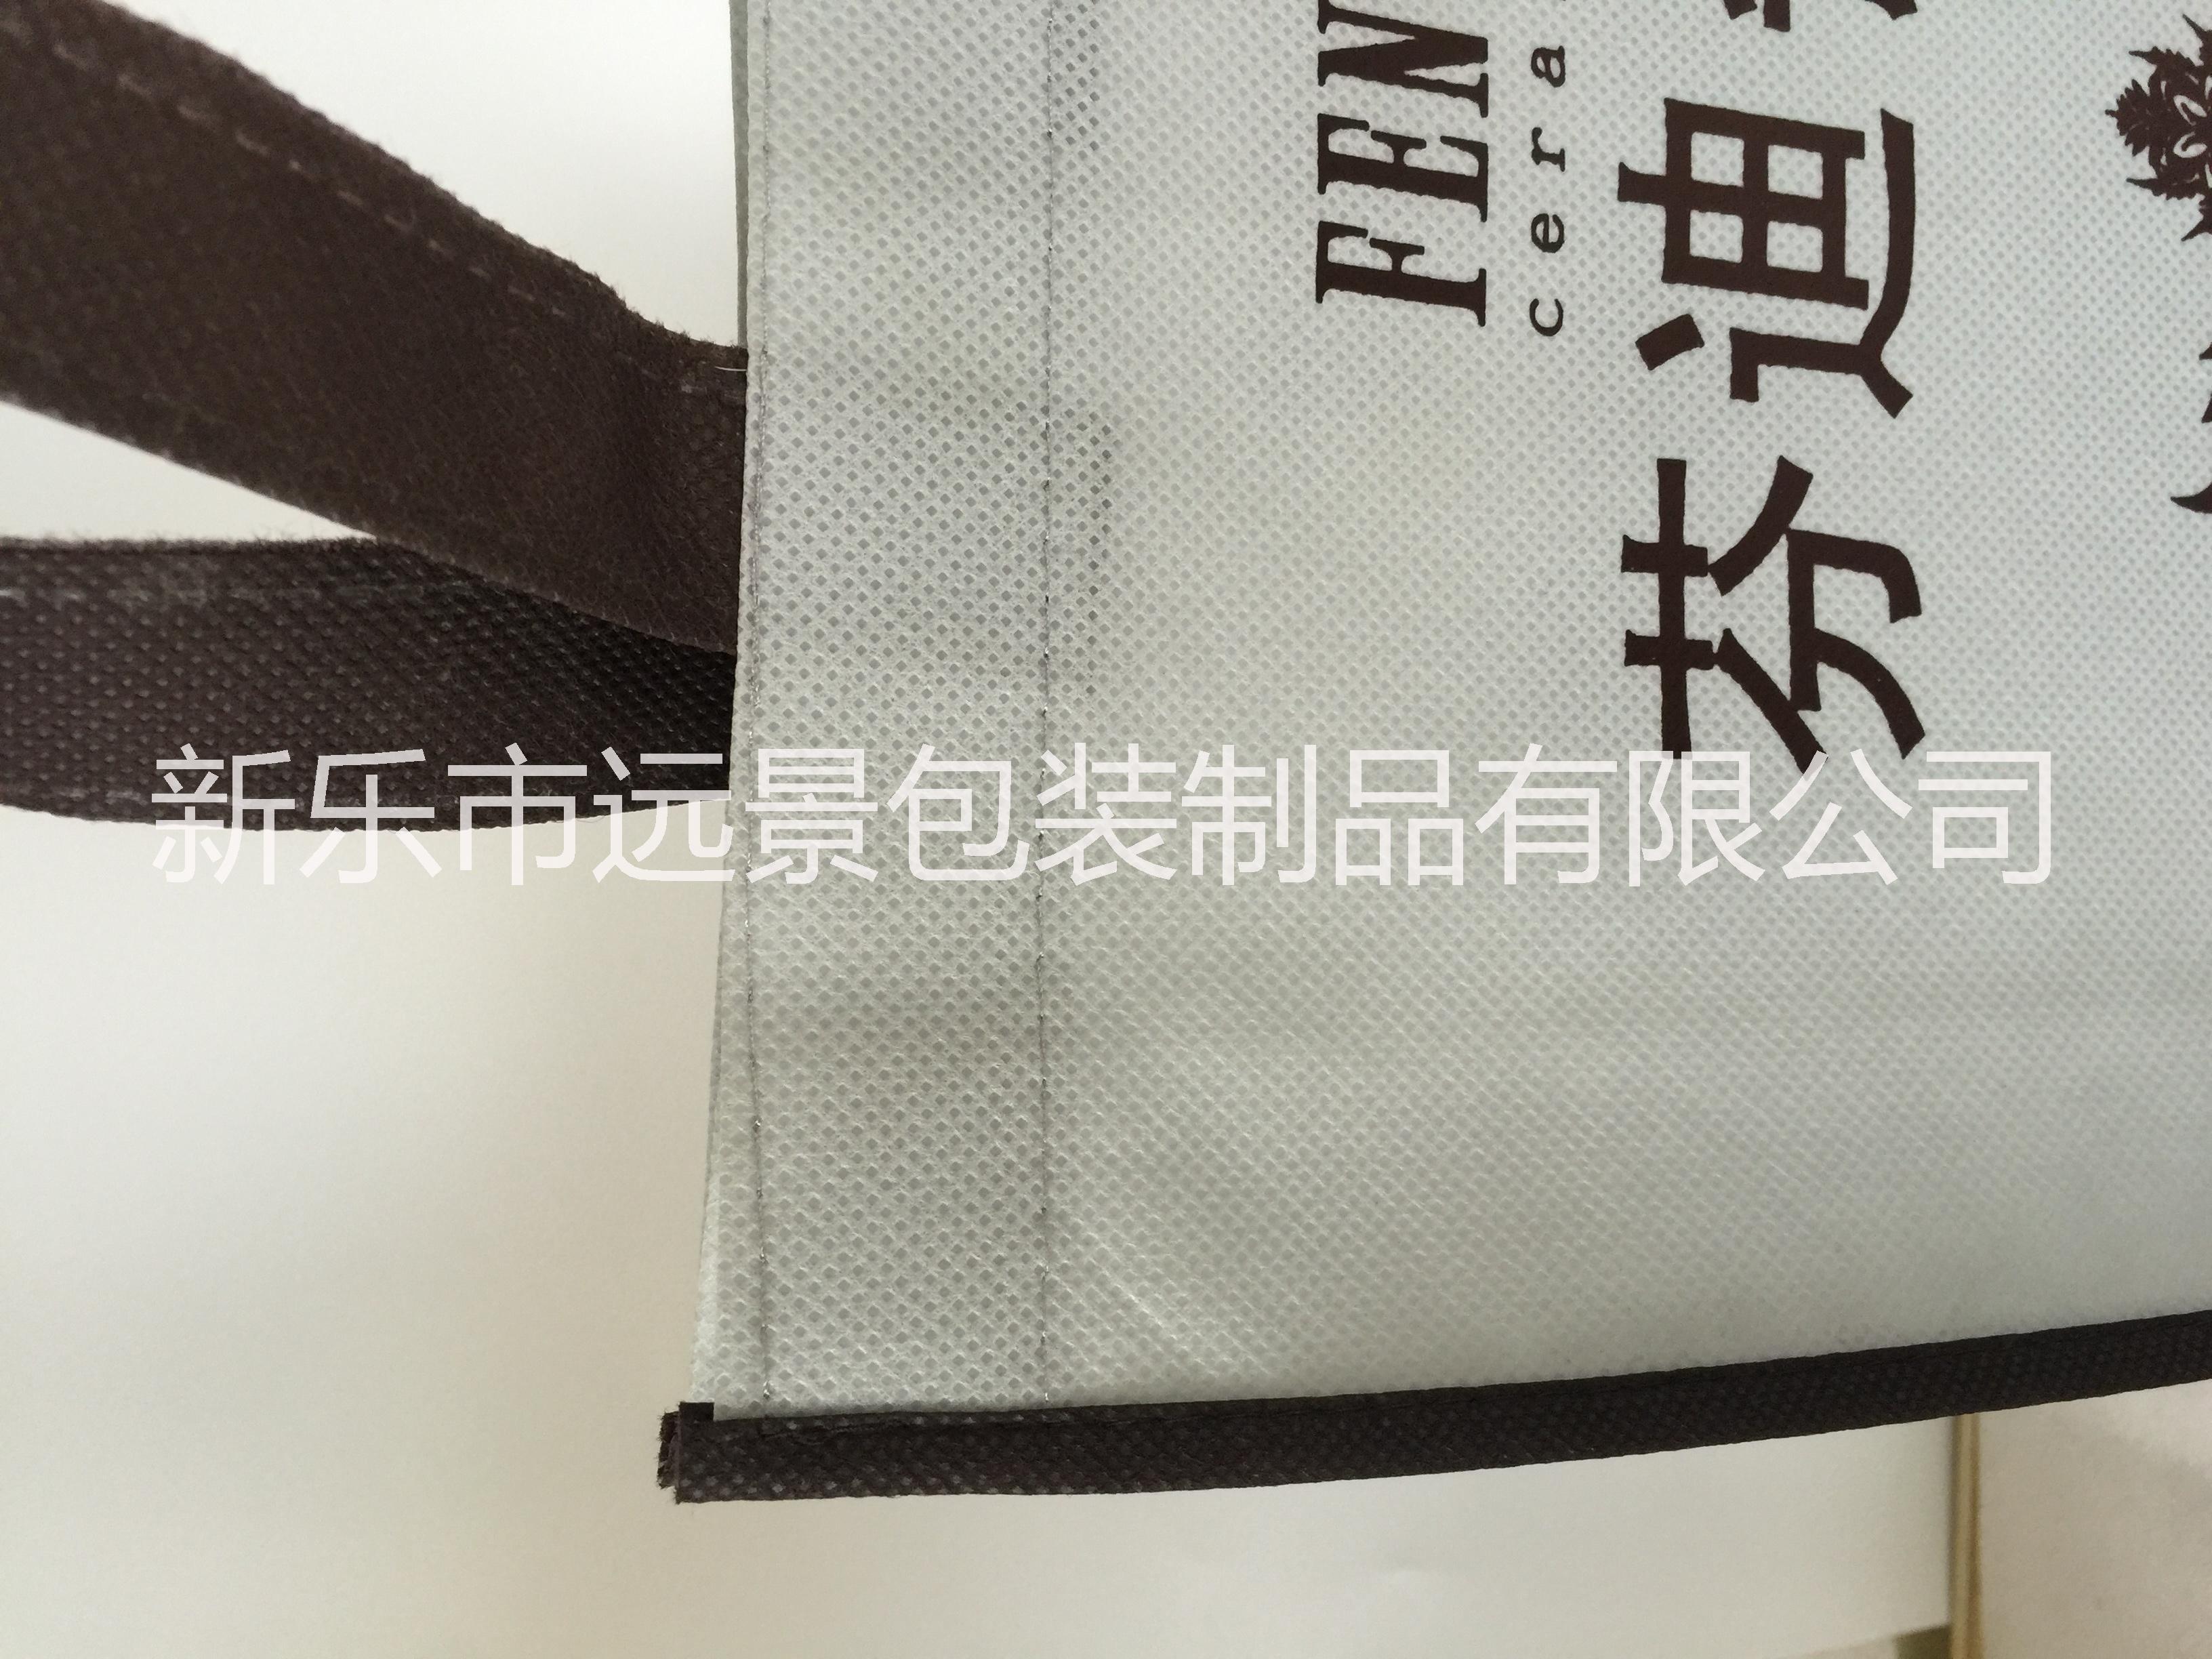 无纺布手提袋厂家现货加印logo覆膜立体袋定制礼品袋子 食品外包装 服装鞋子袋子 无纺布袋厂家免费设计加印logo